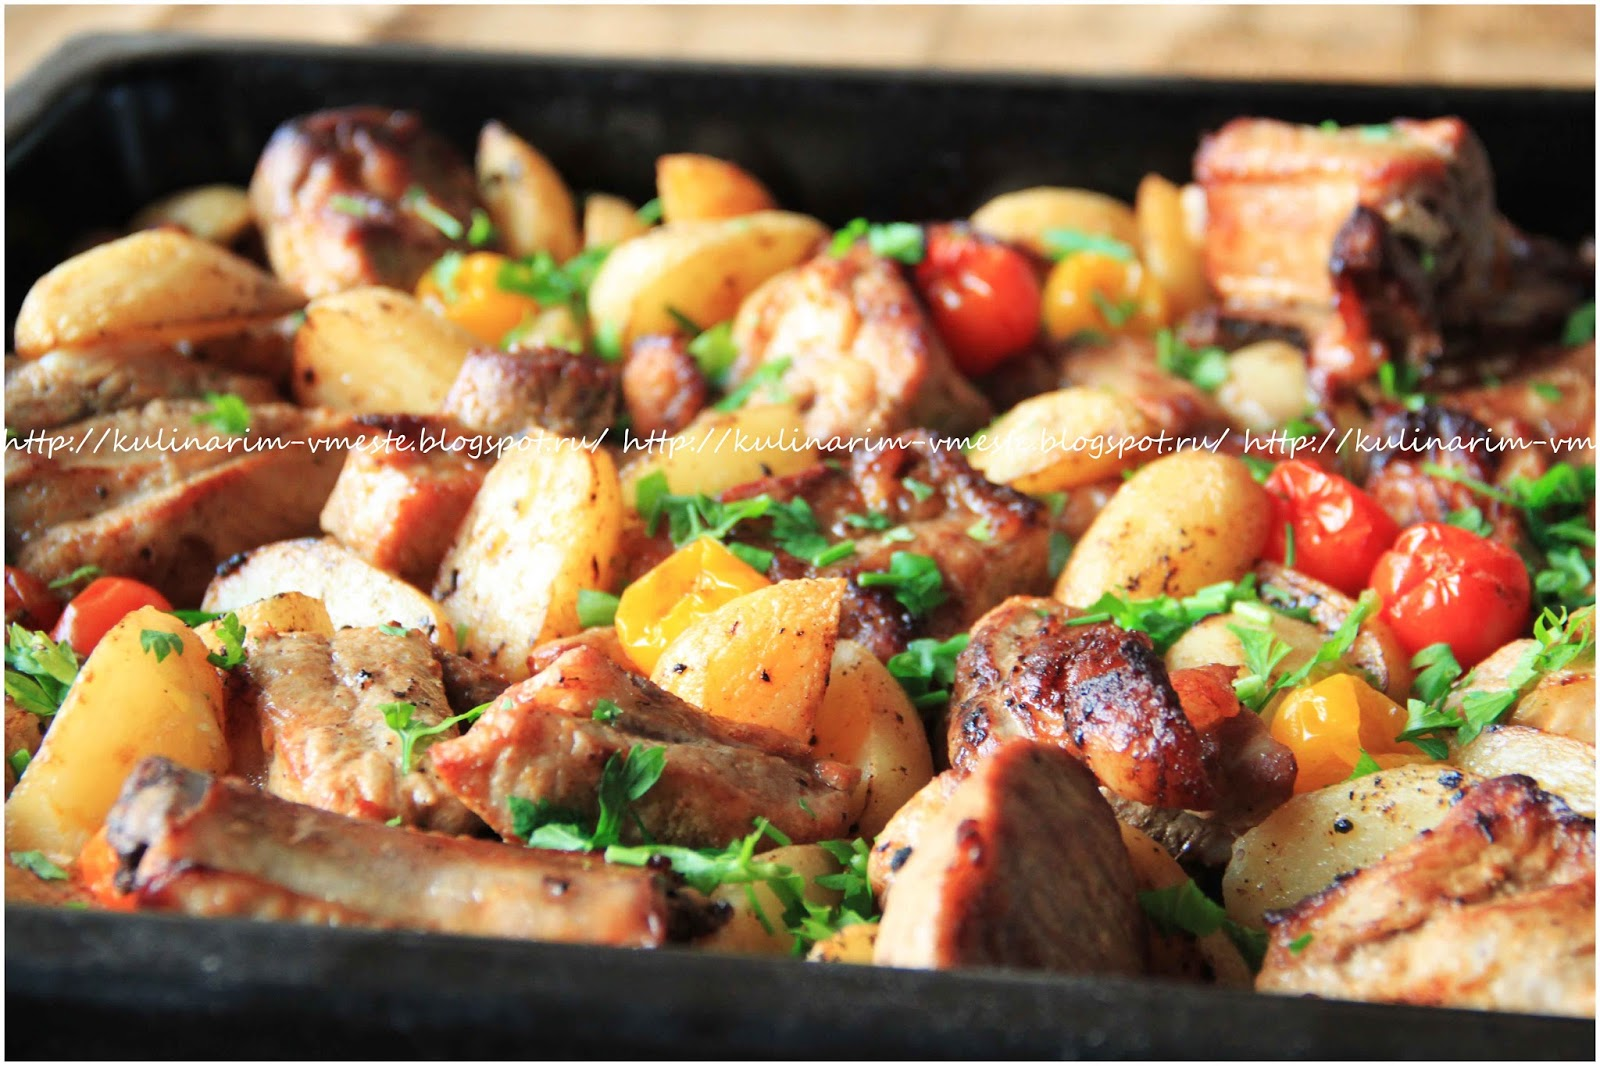 ребрышки свиные запеченные в духовке с картошкой